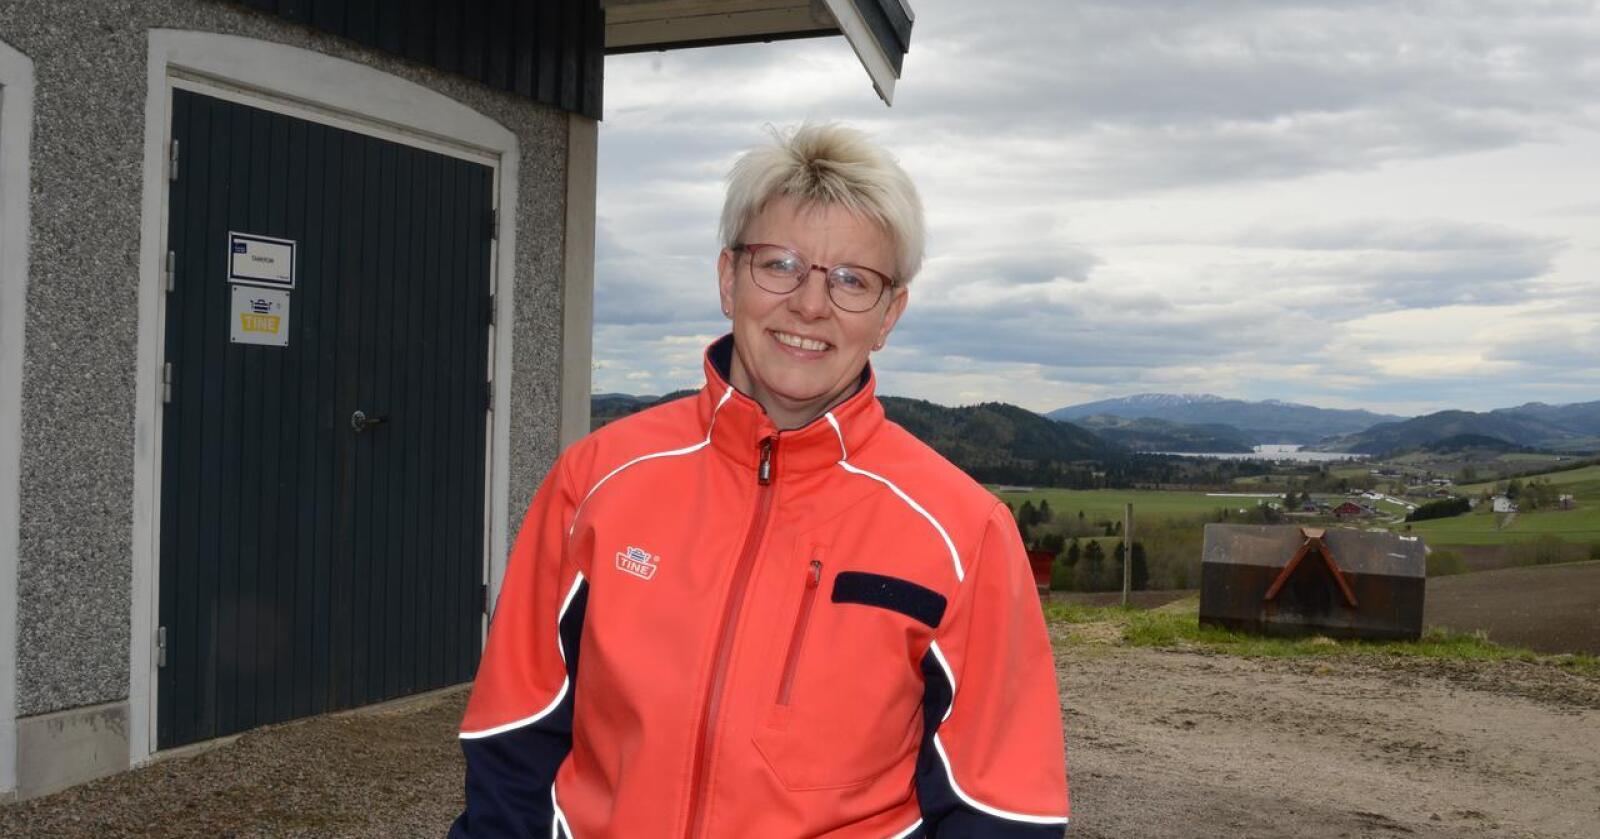 Gode tall: Årsresultatet for 2020 inneholder hyggelig tall, lover Marit Haugen. Nå vil hun sørge for at årets resultat også blir hyggelig lesning.